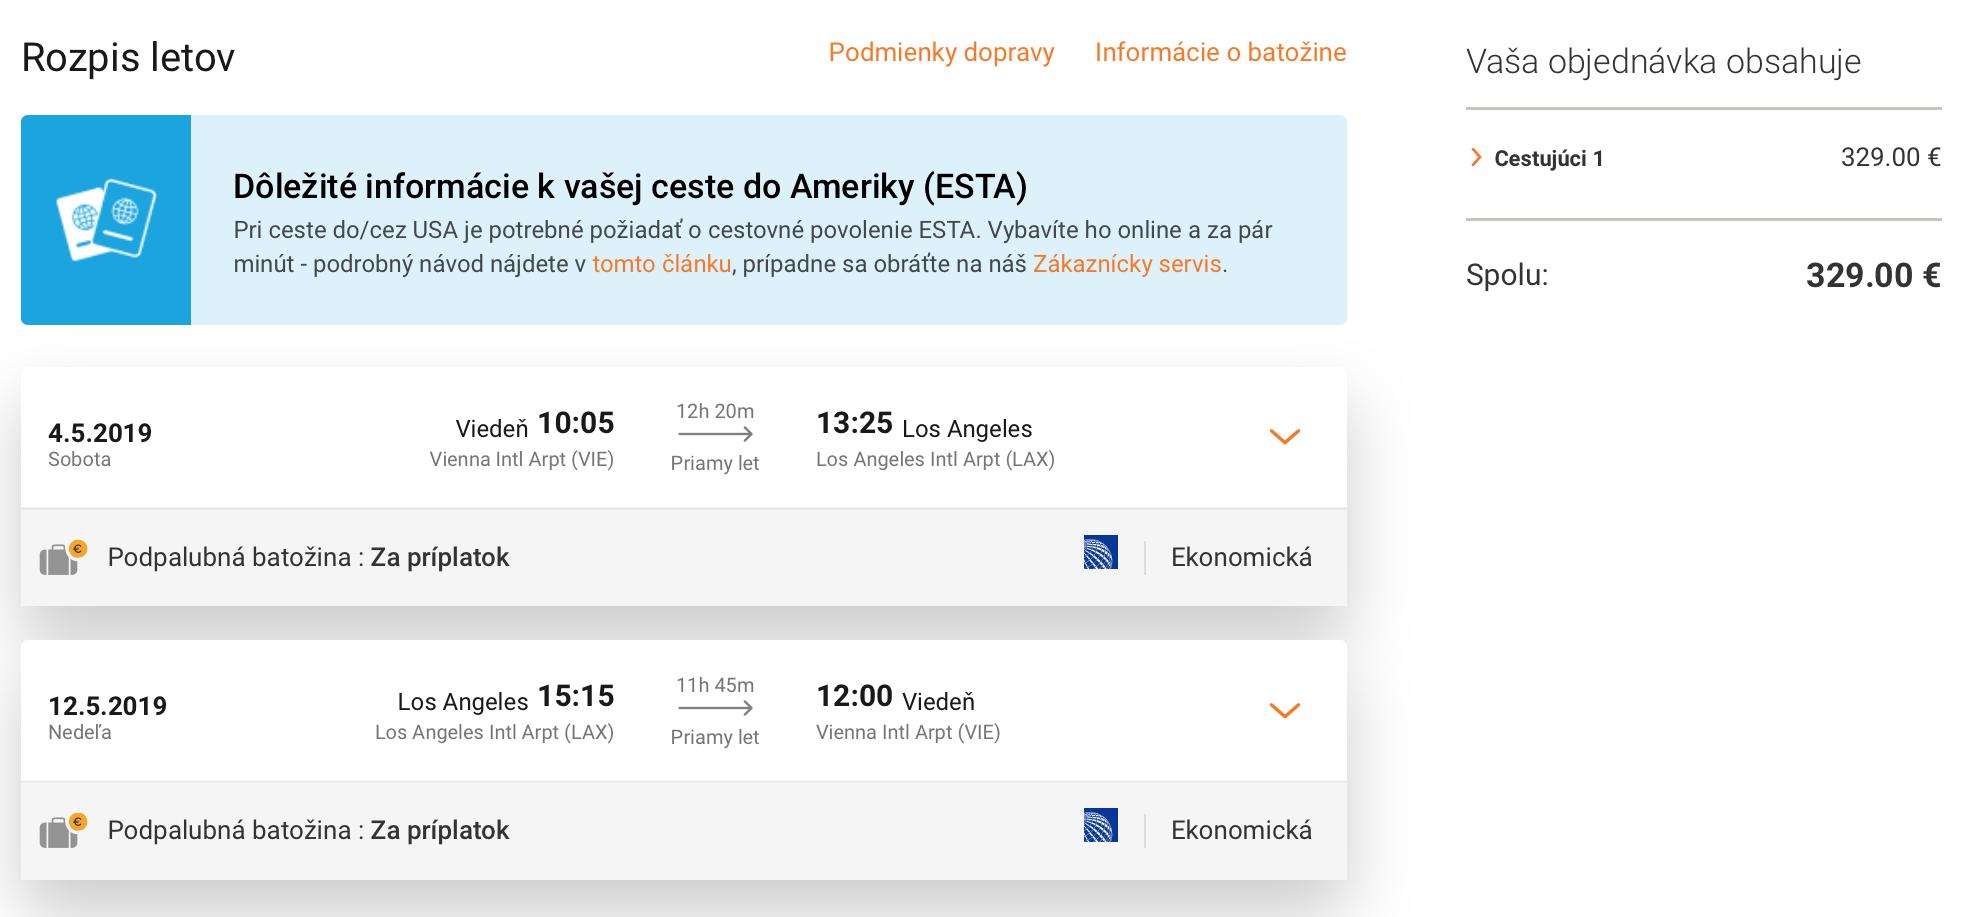 Priame lety z Viedne do LOS ANGELES za výborných 329€